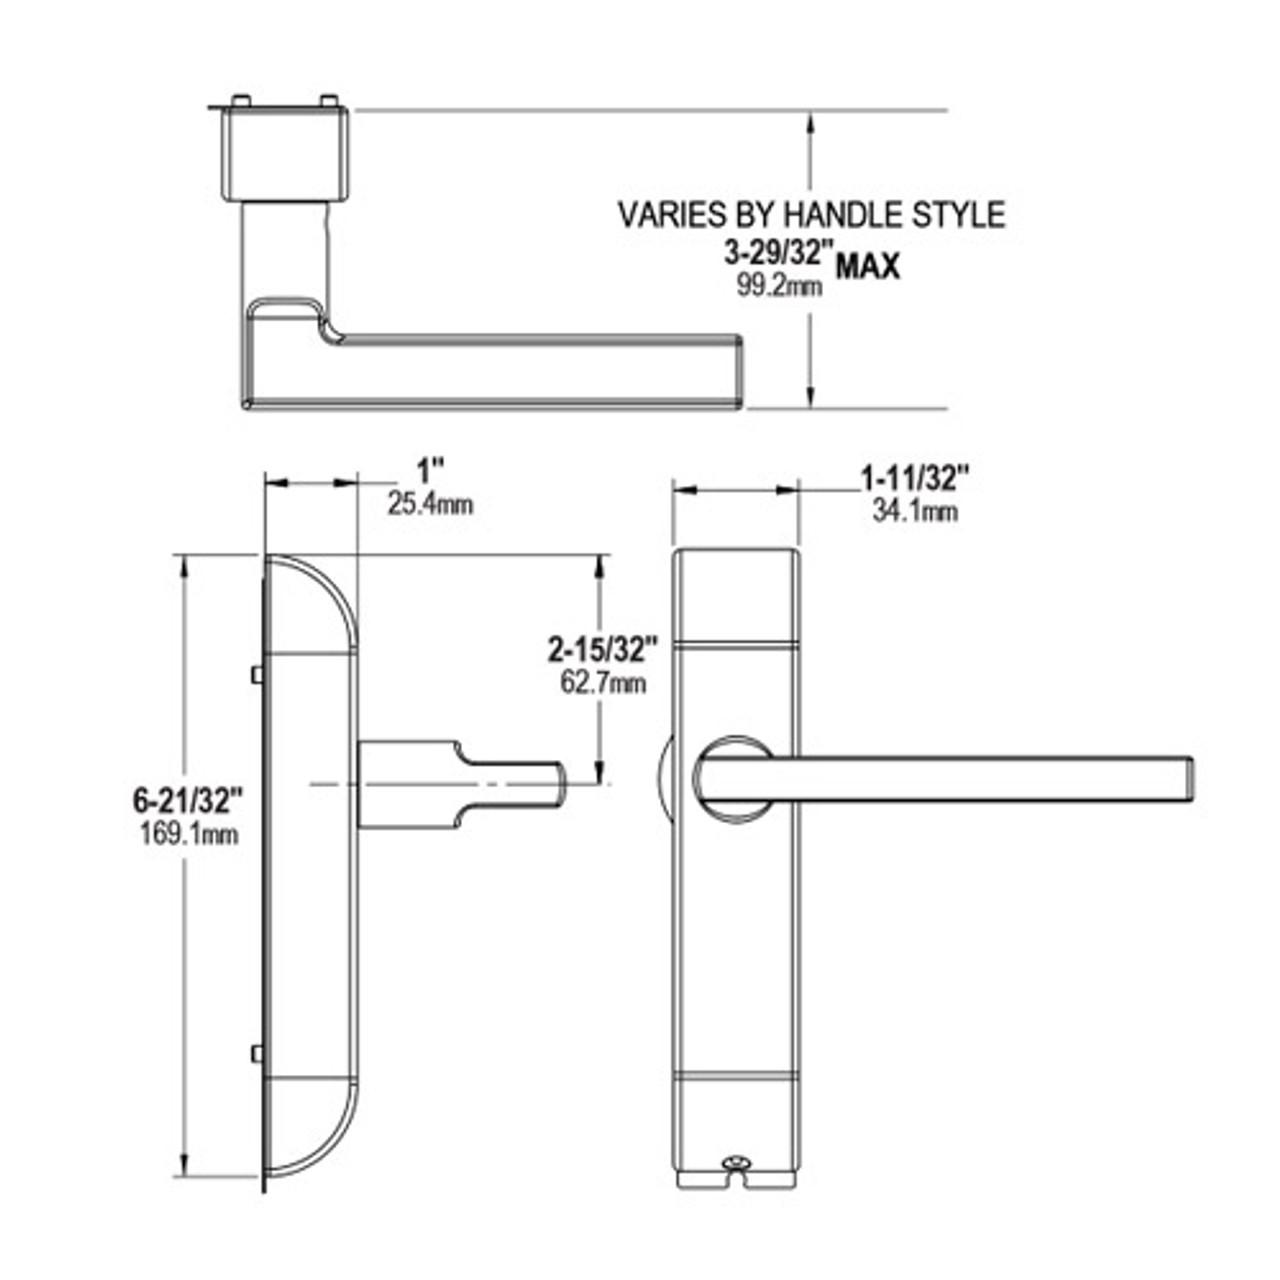 4600M-MG-642-US10B Adams Rite MG Designer handle Dimensional View